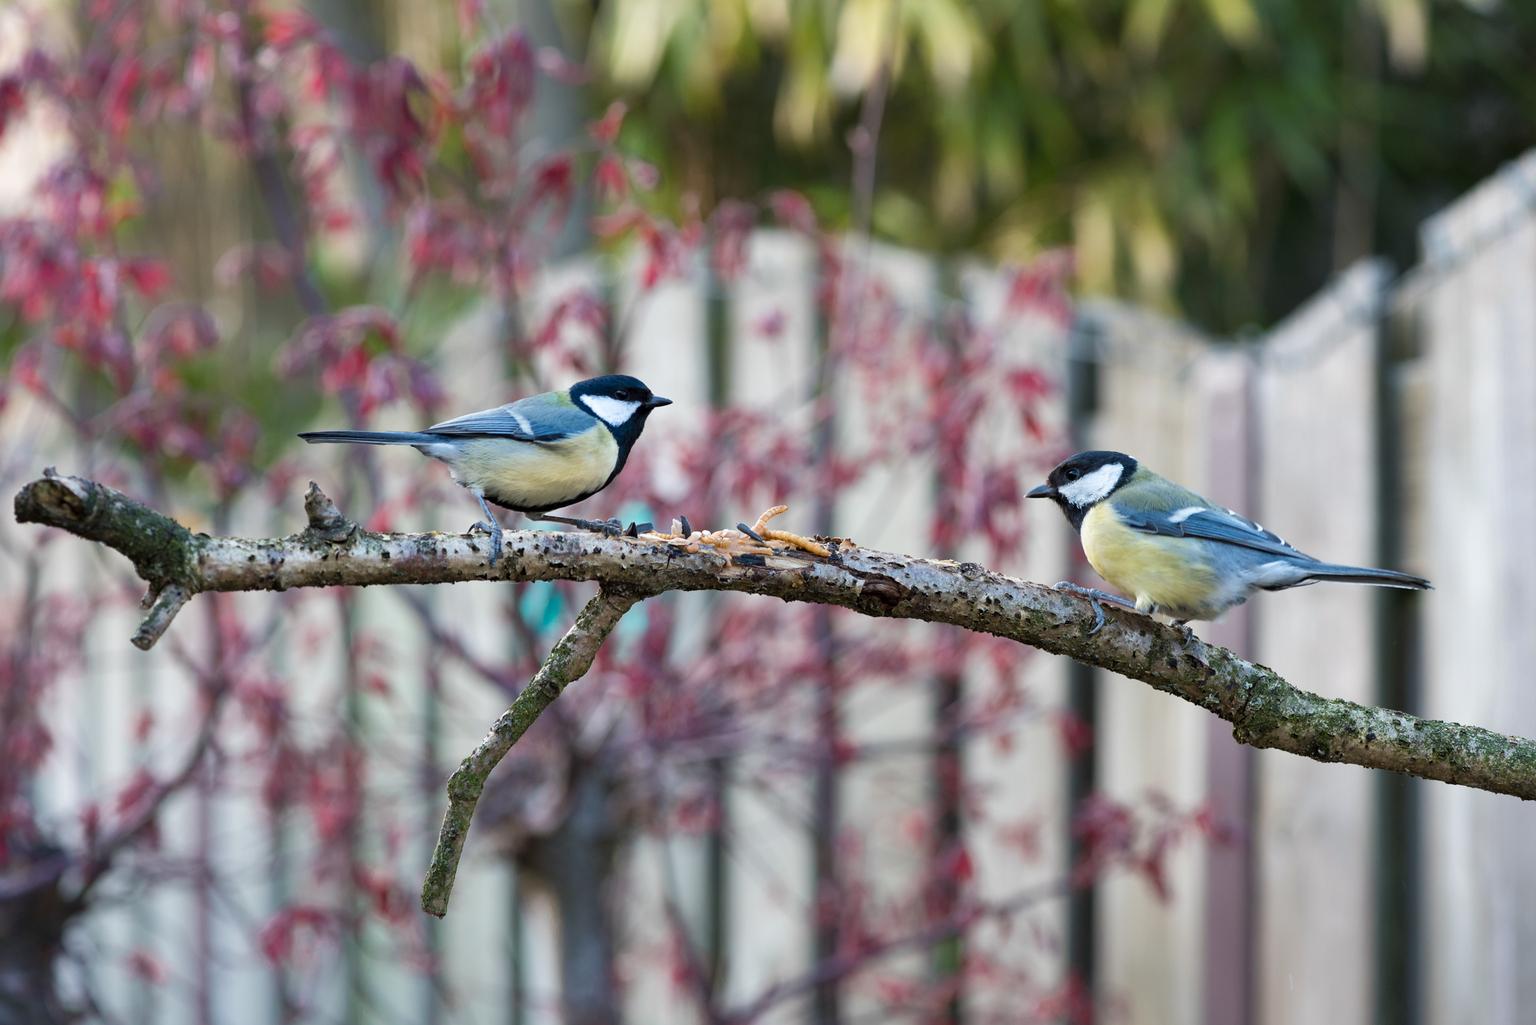 Two of a kind - Koolmeesjes gezellig aan het lunchen. - foto door Kompieter op 16-04-2021 - deze foto bevat: vogel, gewervelde, fabriek, bek, afdeling, takje, boom, organisme, ochtend, aanpassing